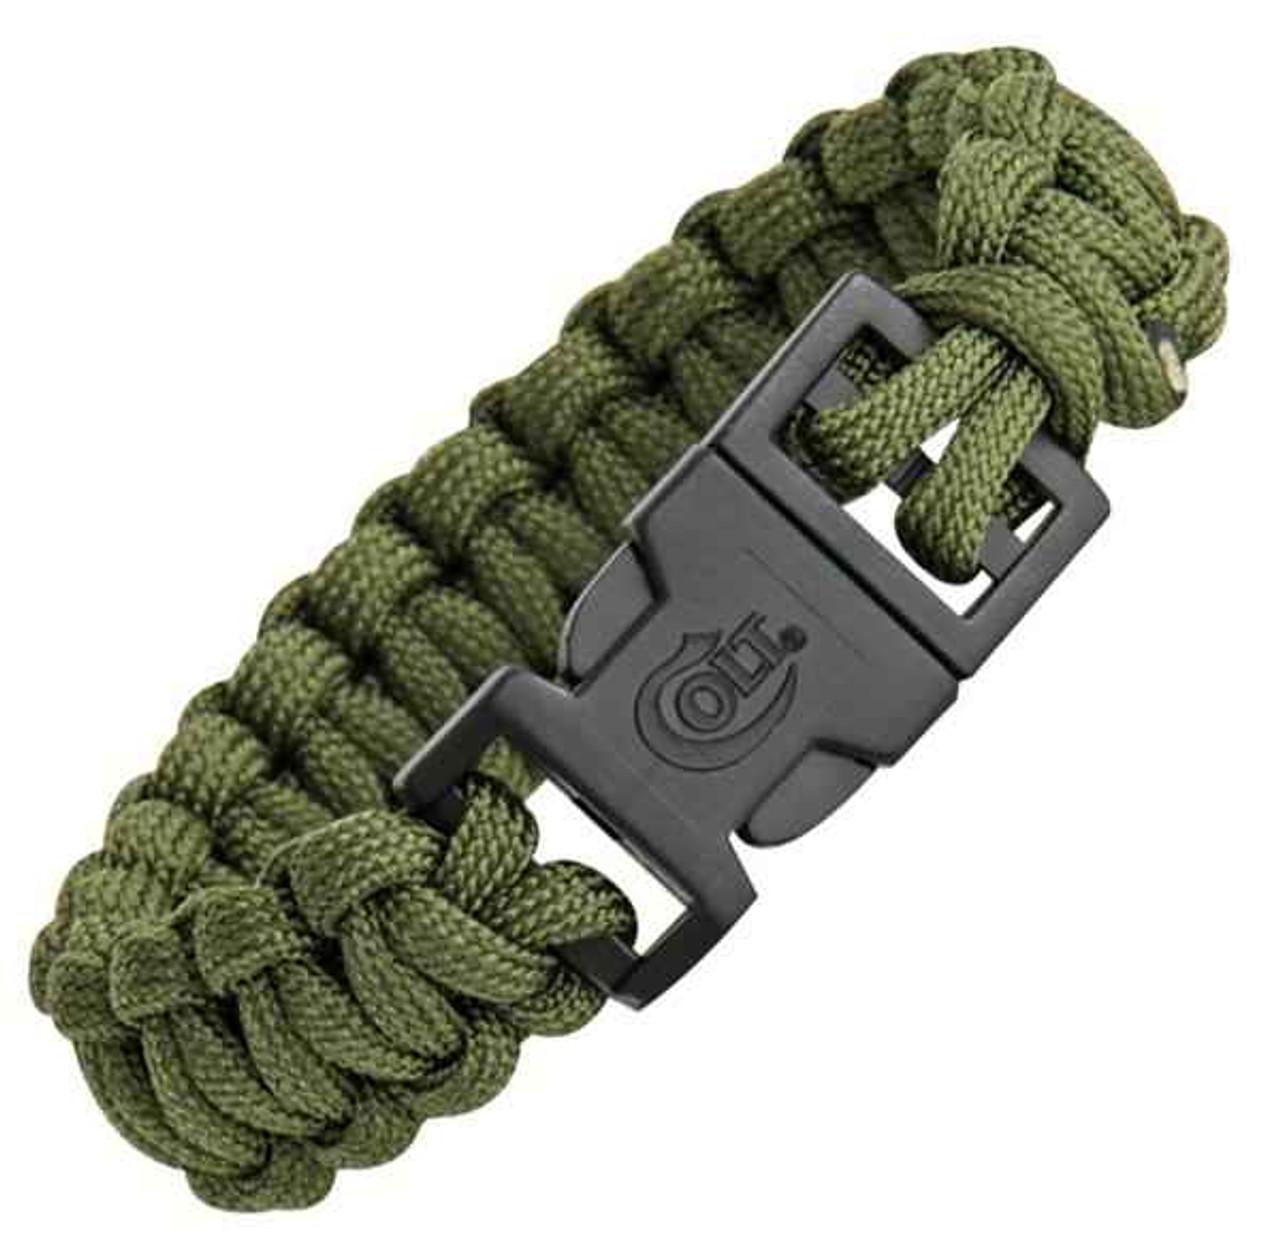 Colt Tactical S.P.E.A.R. Survival Bracelet, OD Green